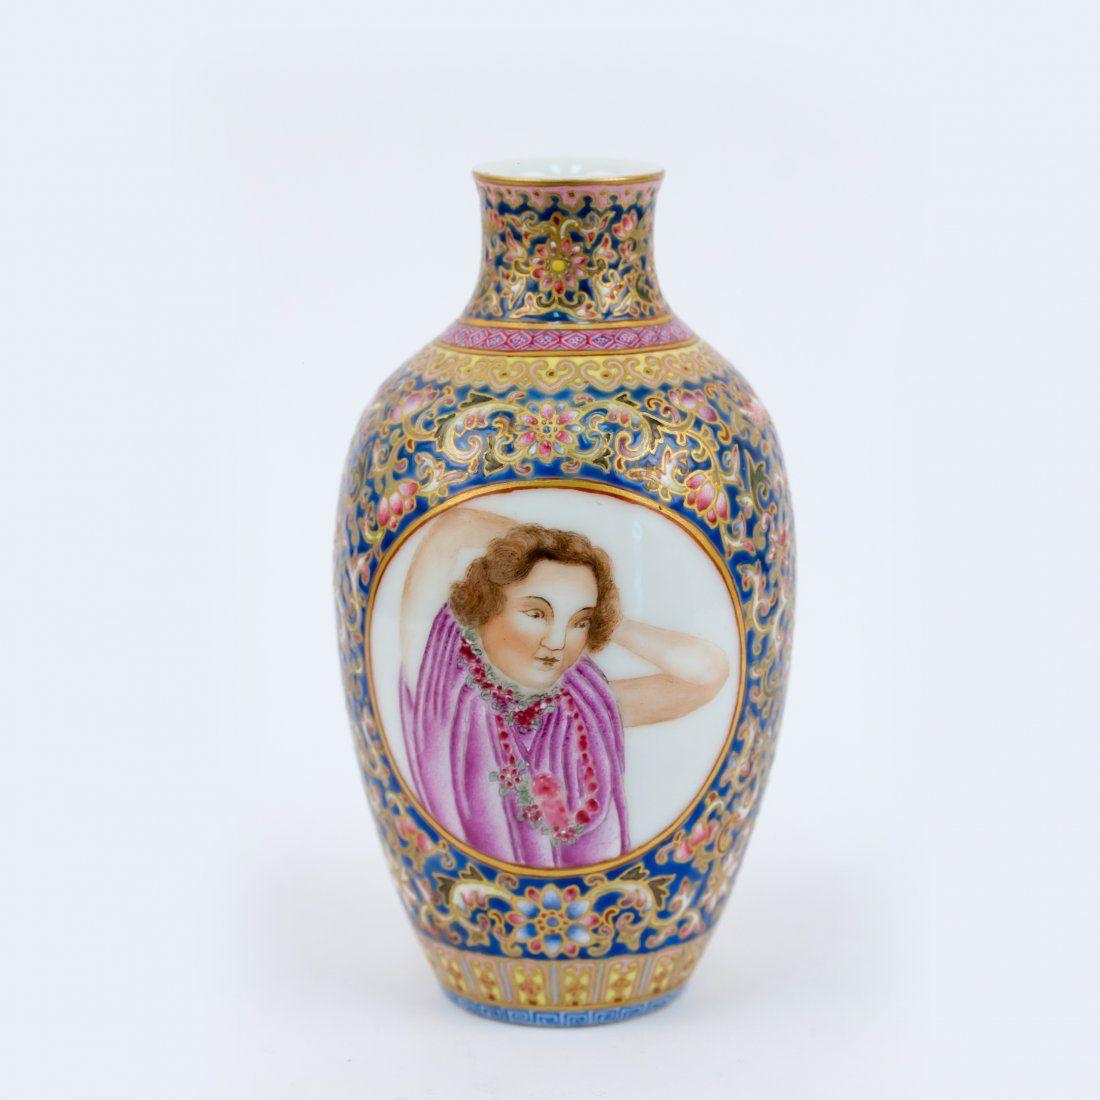 Enamel Glazed Qing Dynasty Export Ware, Double Open Fac